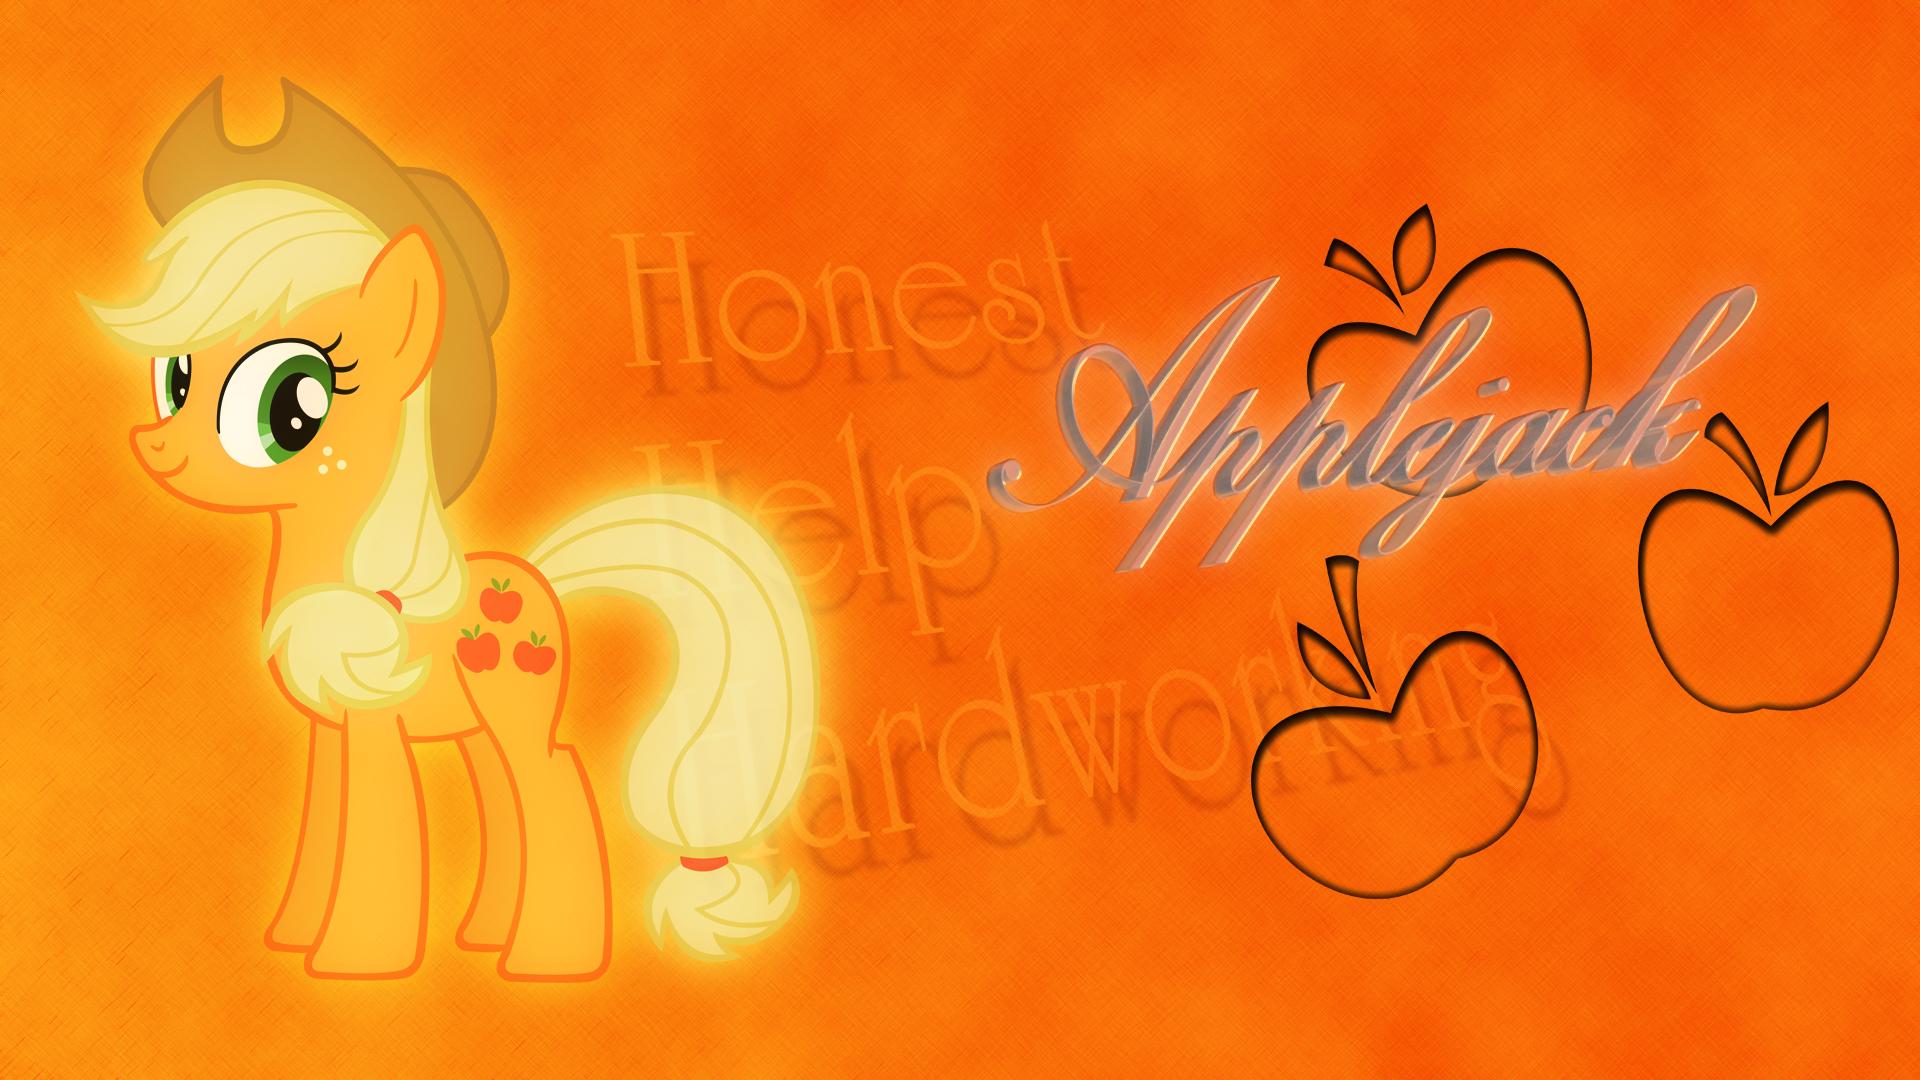 Applejack - Honest Help Hardworking by BlackGryph0n, EmbersAtDawn and Vexorb